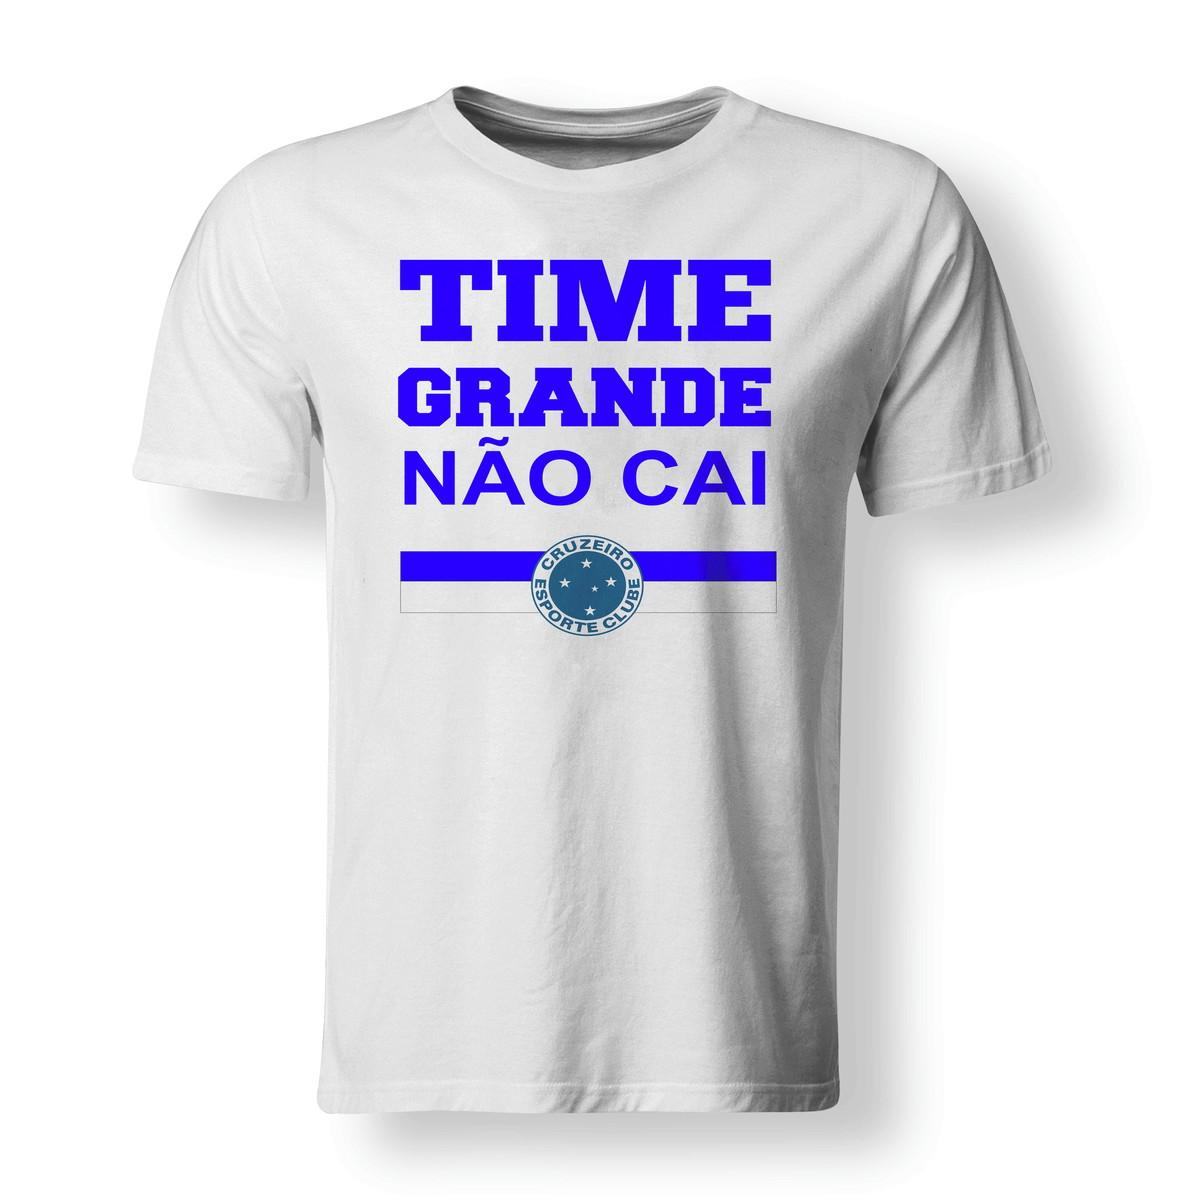 49828039e6 Camiseta Futebol Time Grande Não Cai Cruzeiro - A3 no Elo7